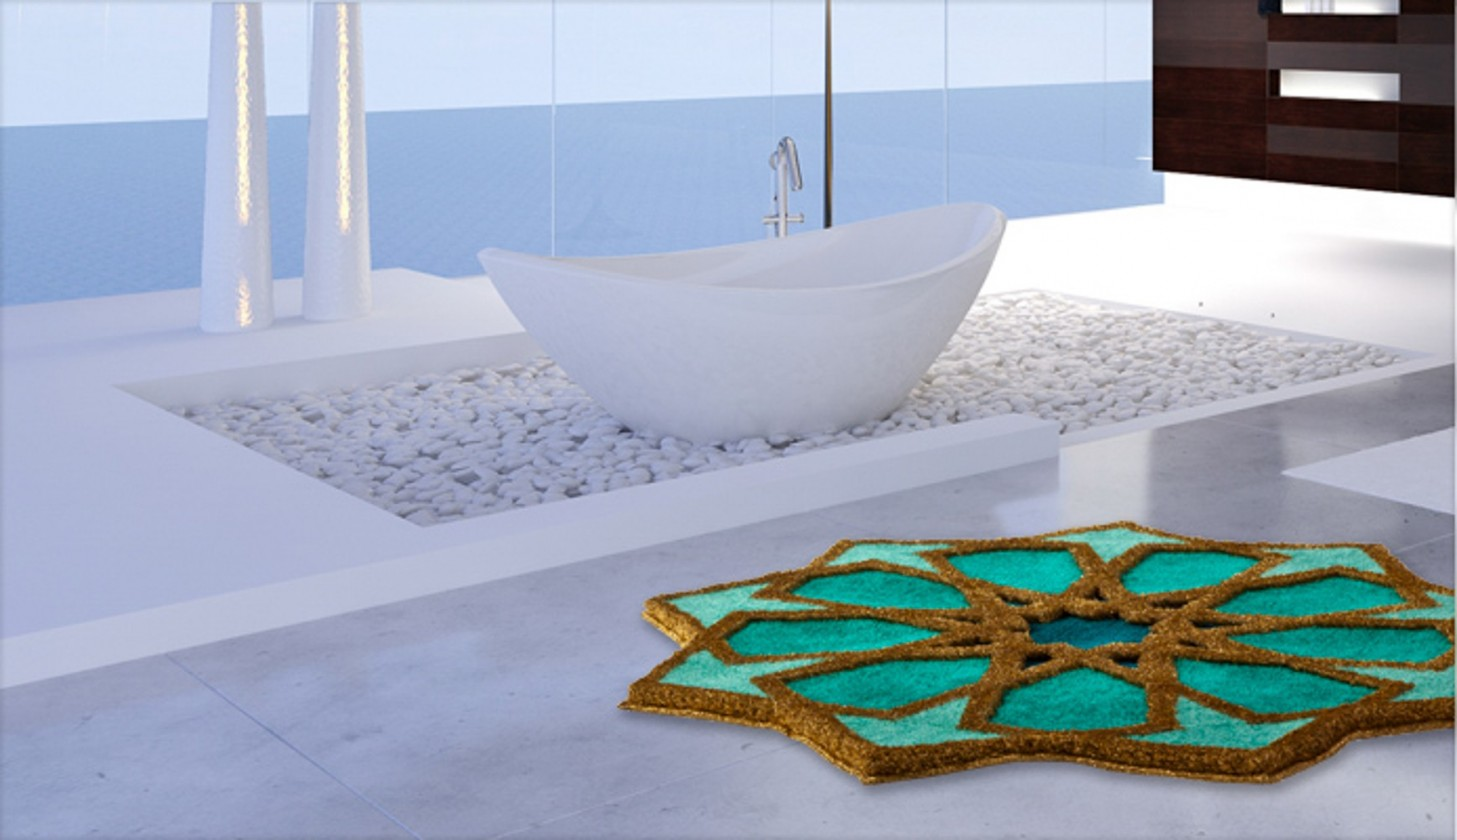 Sherezad - Předložka kruh, 120 cm (smaragdová-tyrkysová-zlatá)